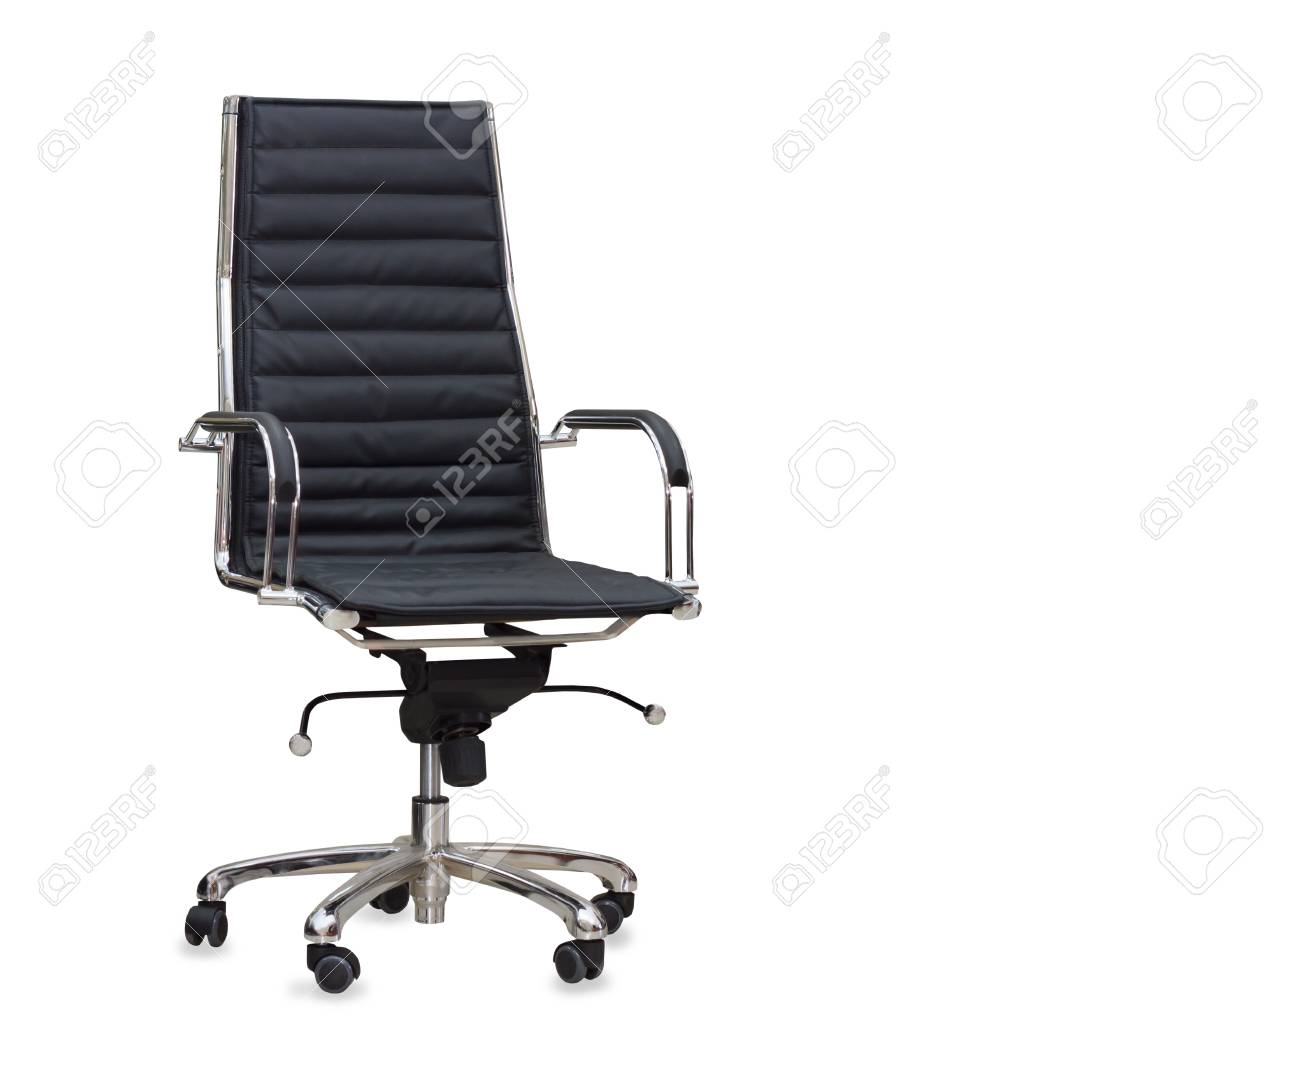 Immagini stock la sedia da ufficio in pelle nera. isolato image